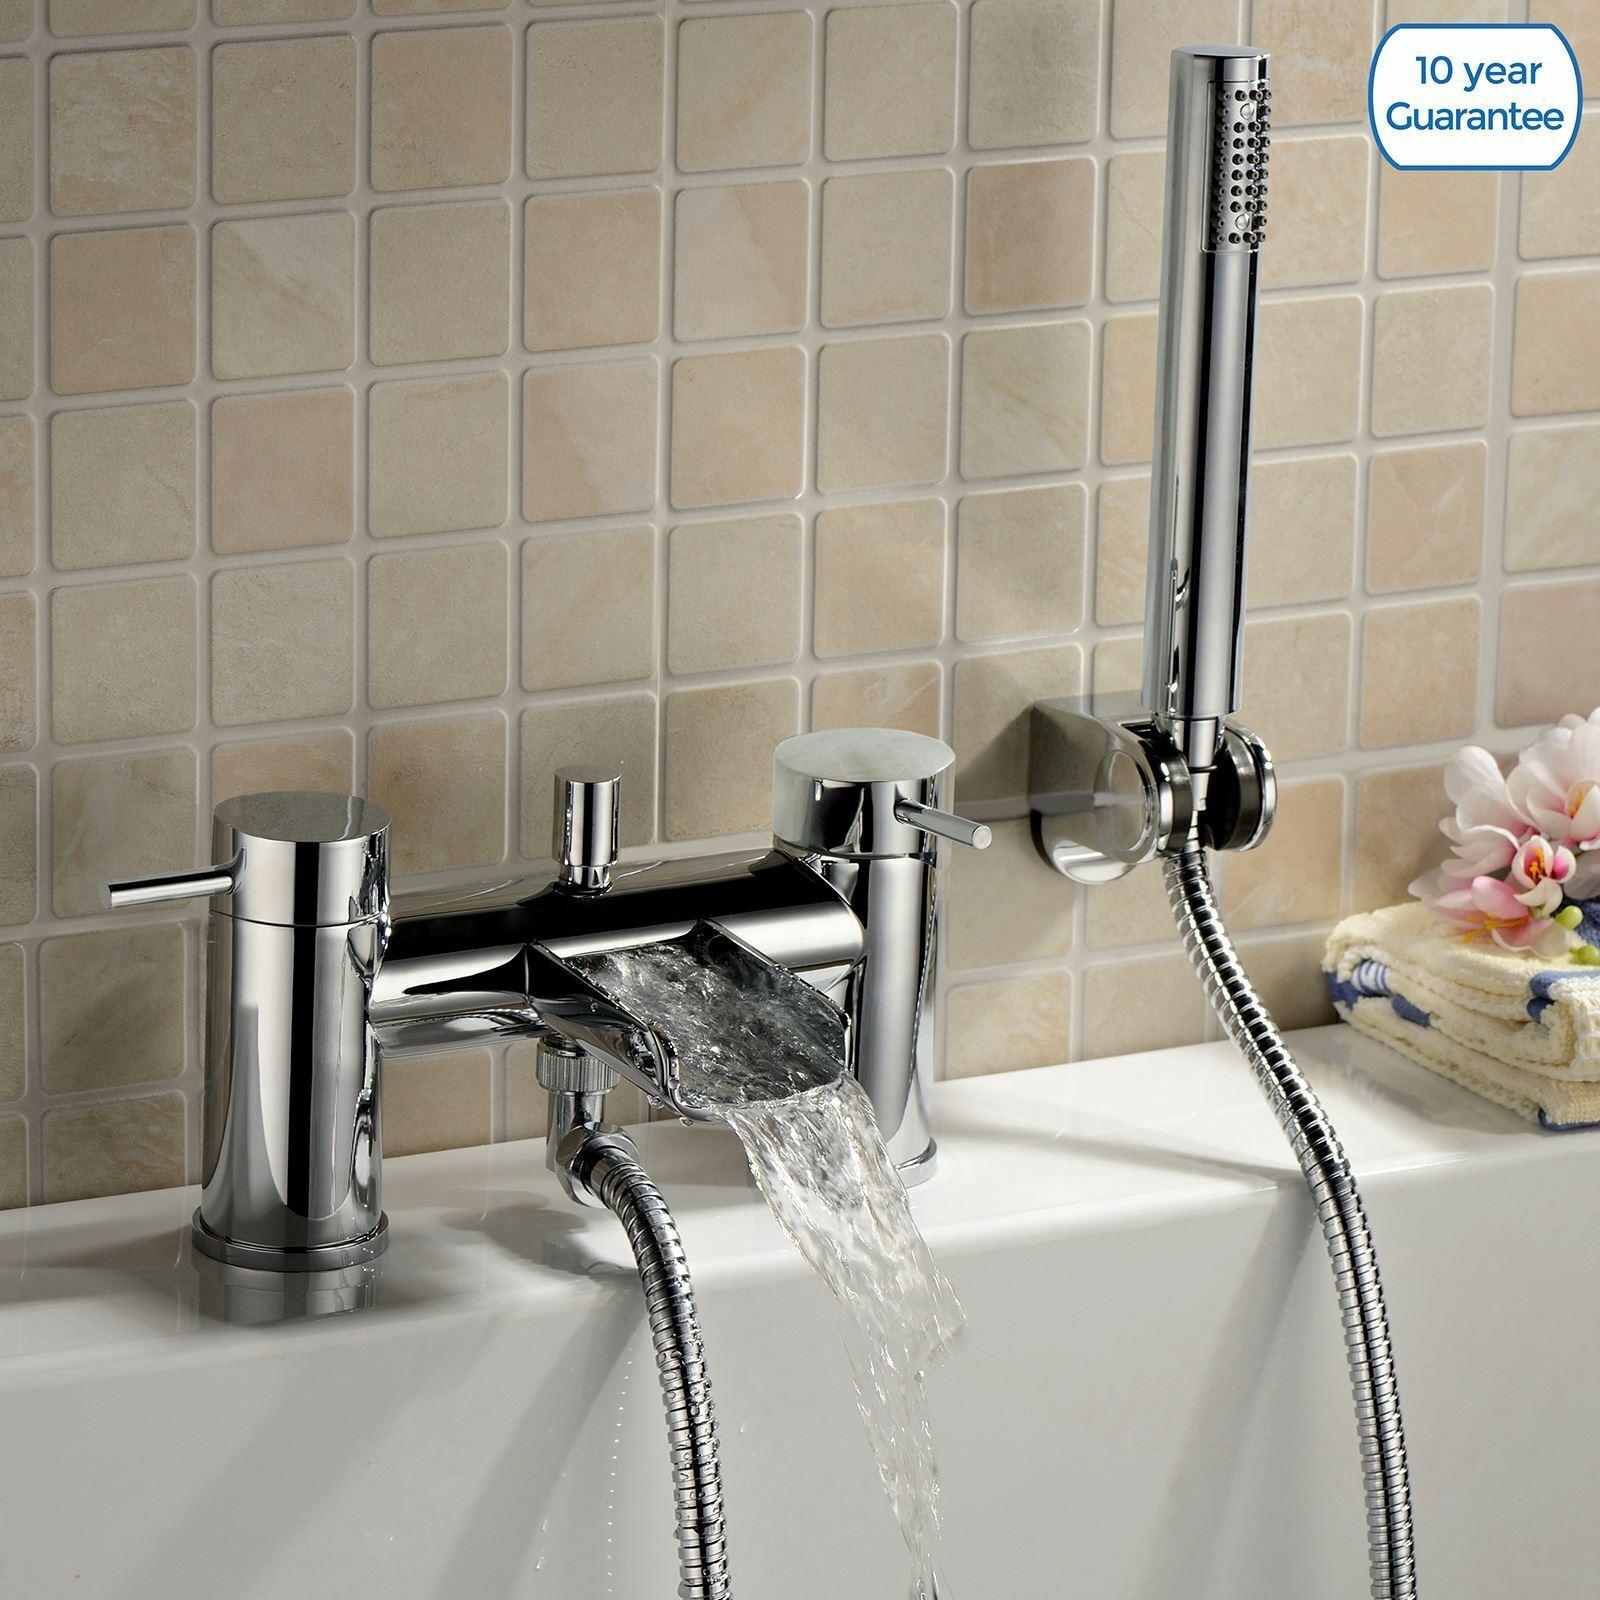 Albie Cuarto de Baño Cromo Cascada Baño Mezclador De Ducha Moderna De Relleno Grifo Con Auricular